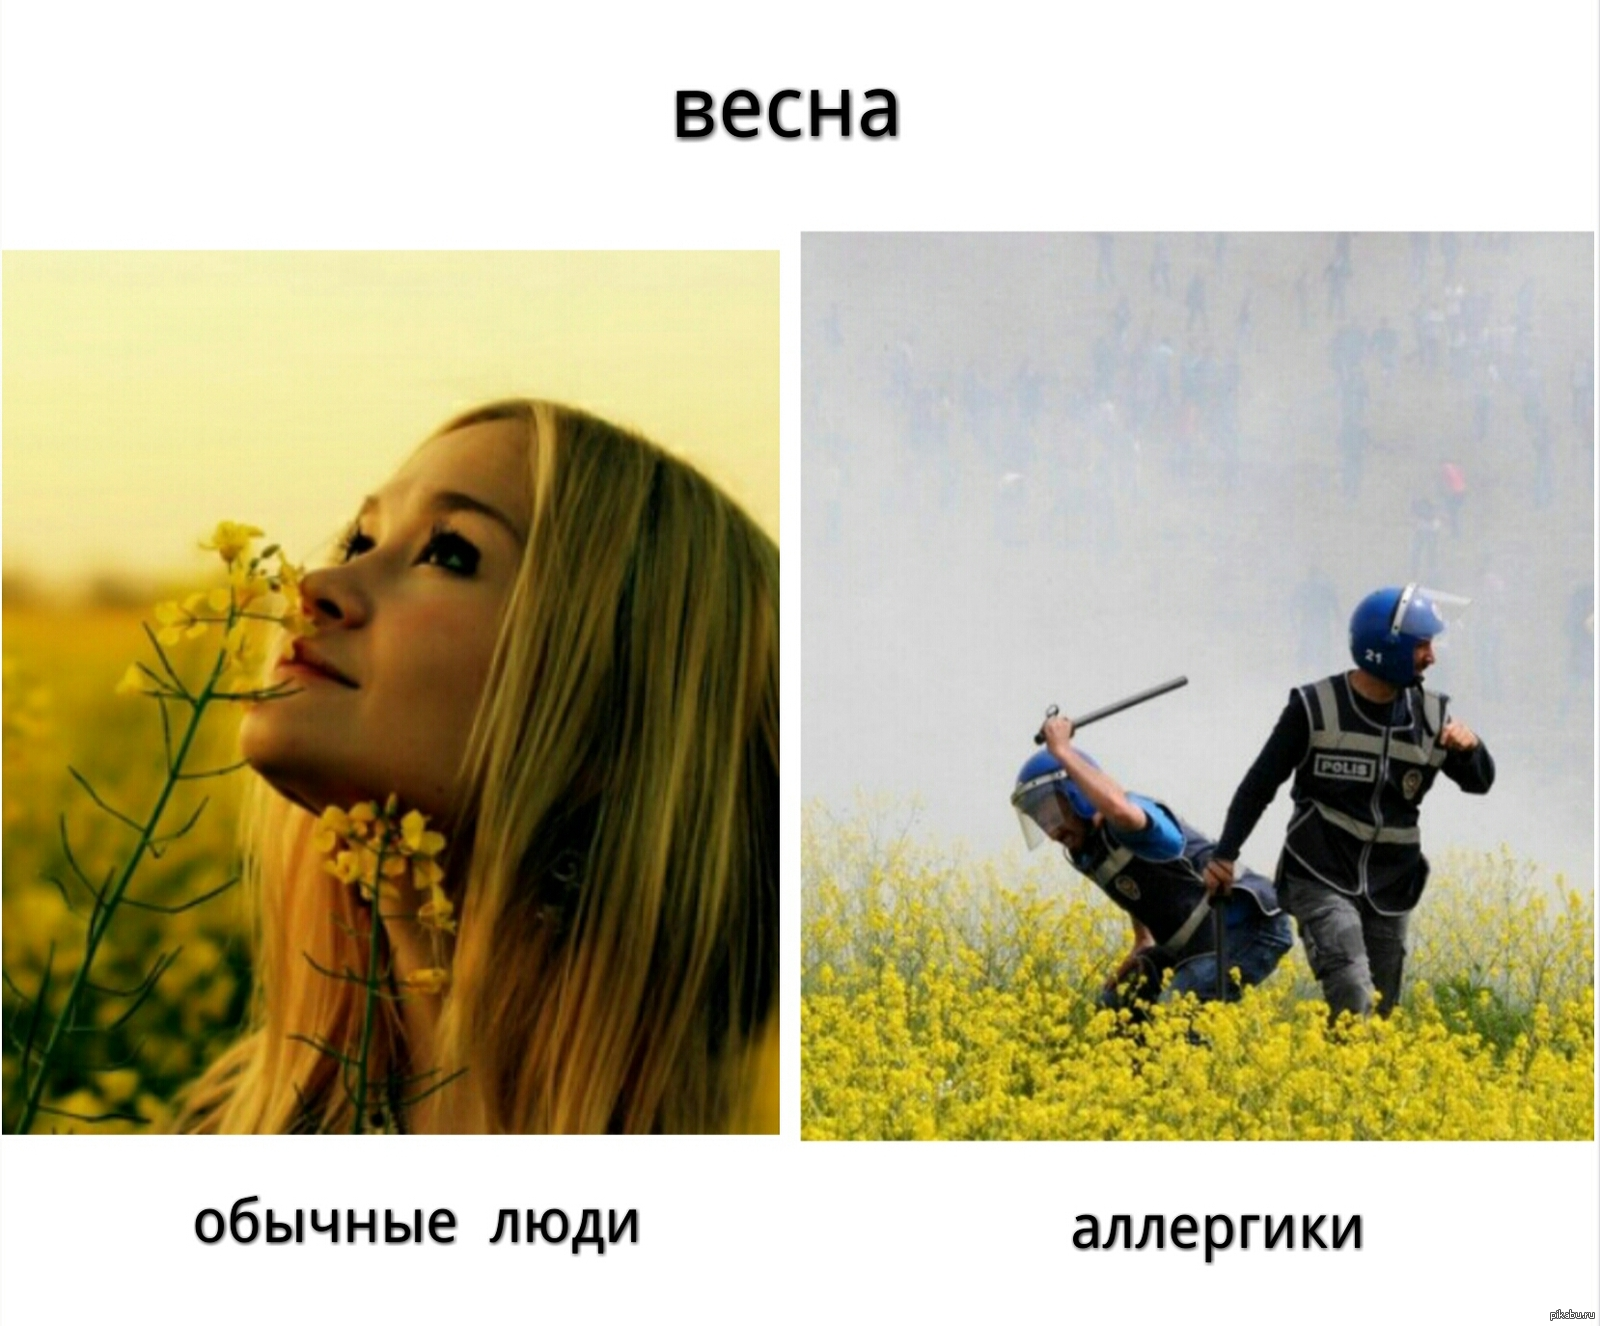 Аллергия смешные картинки, червяки поздравительная открытка